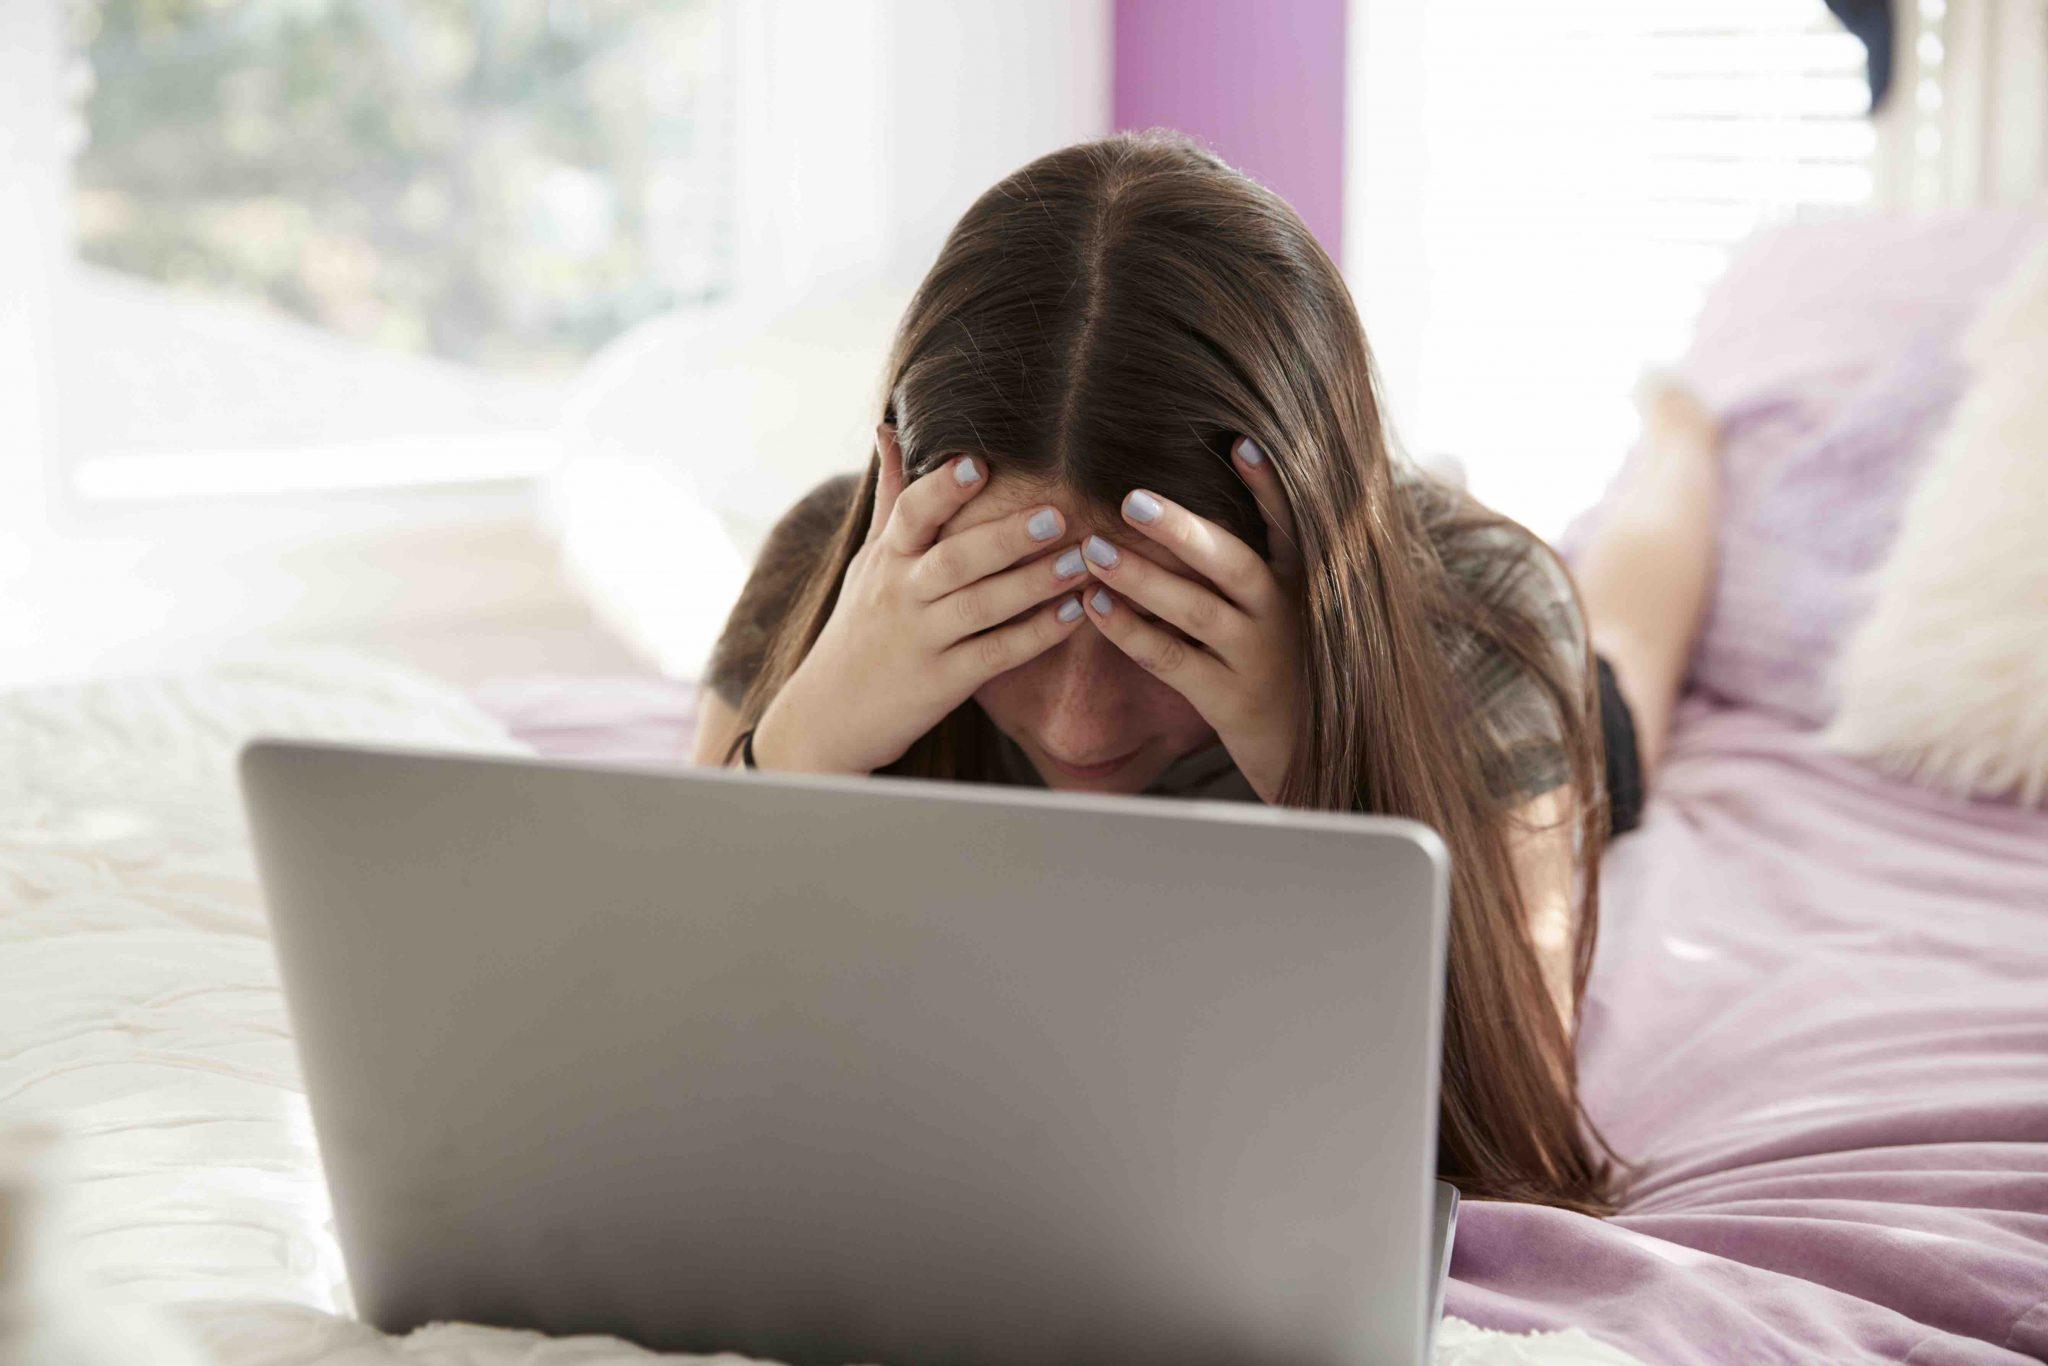 Adolescentes expuestos a imágenes sexualizadas en Instagram y videojuegos son más propensos a problemas de imagen corporal, según estudio